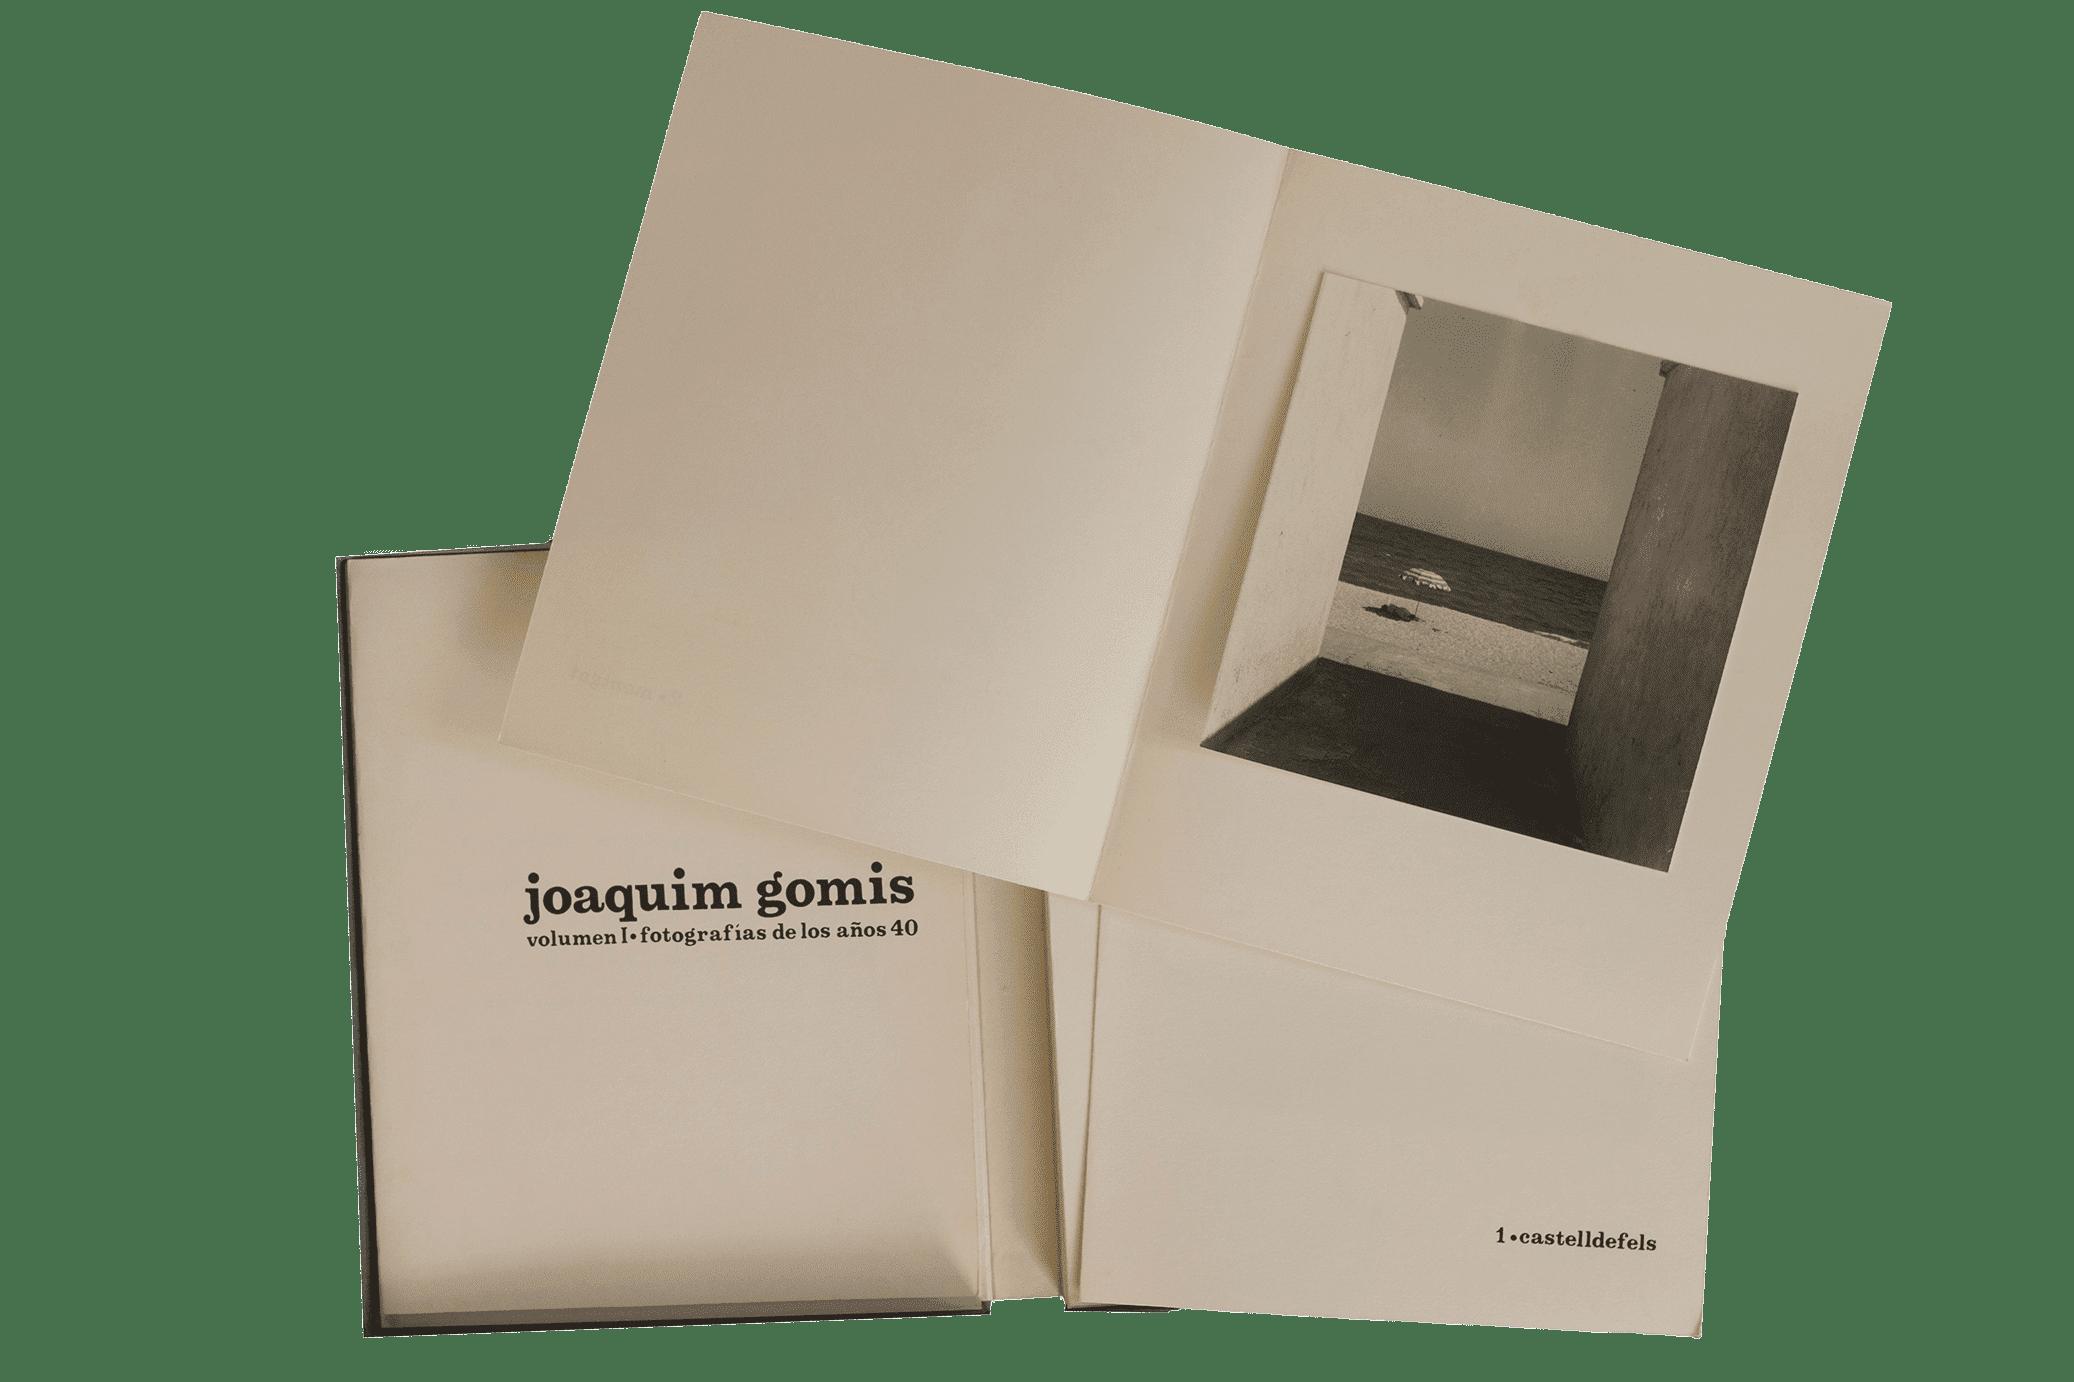 Joaquim Gomis, Fotografías de los años 40, 1976